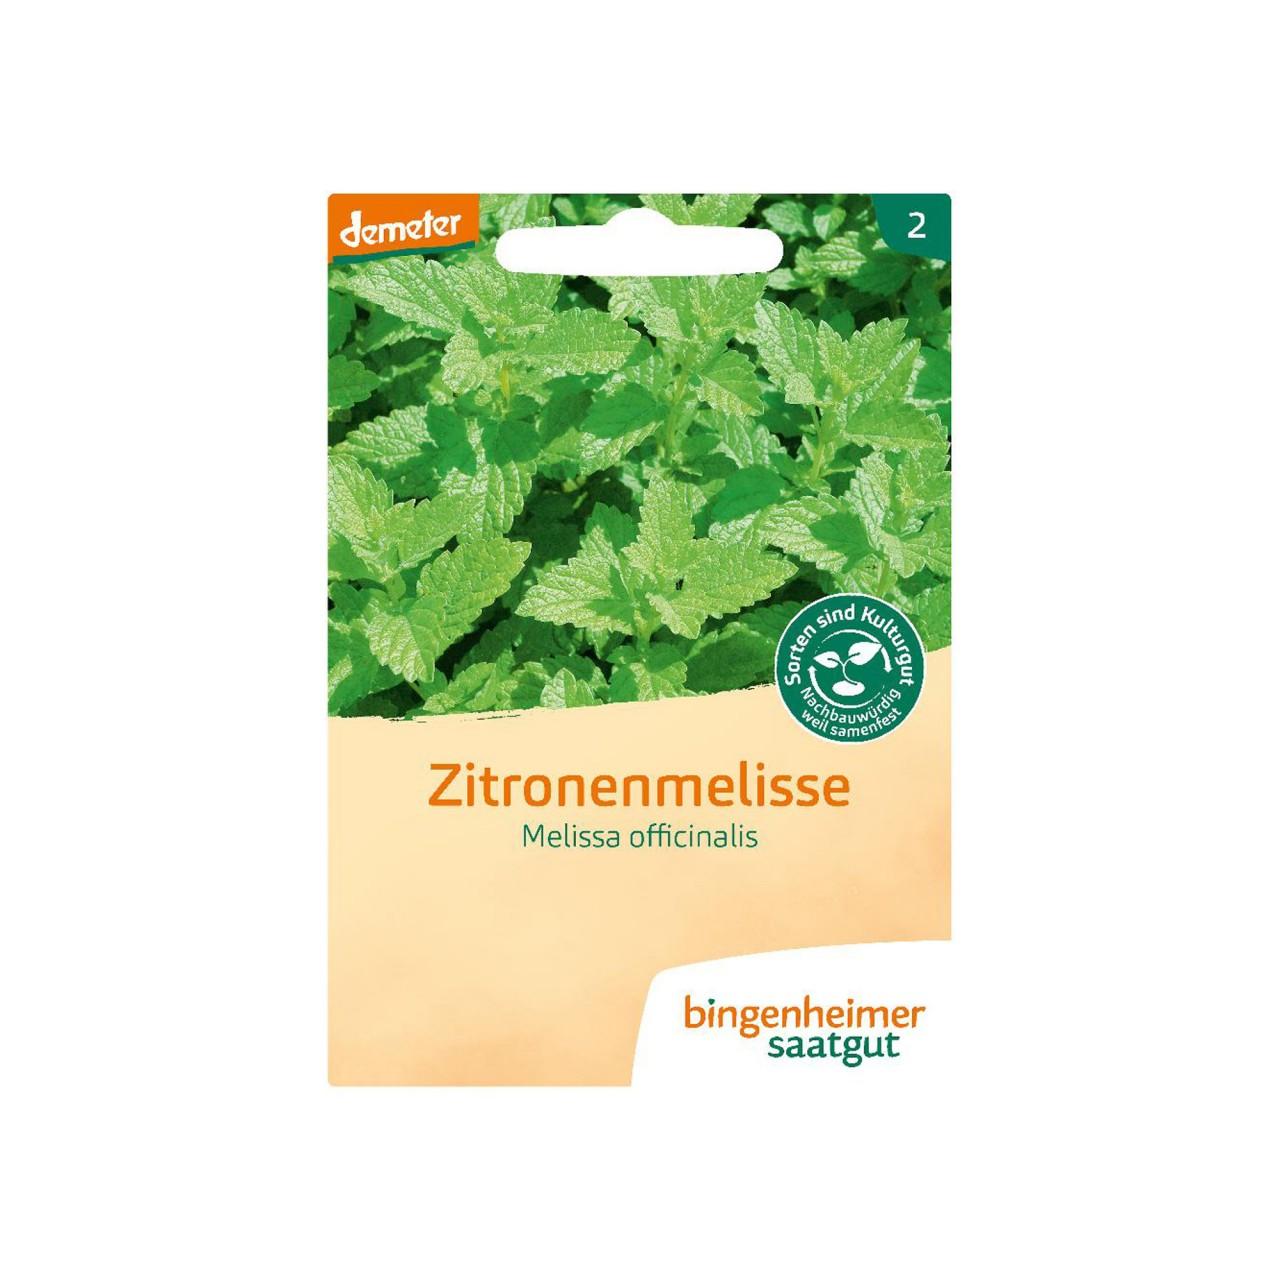 Bingenheimer Zitronenmelisse Bio-Saatgut